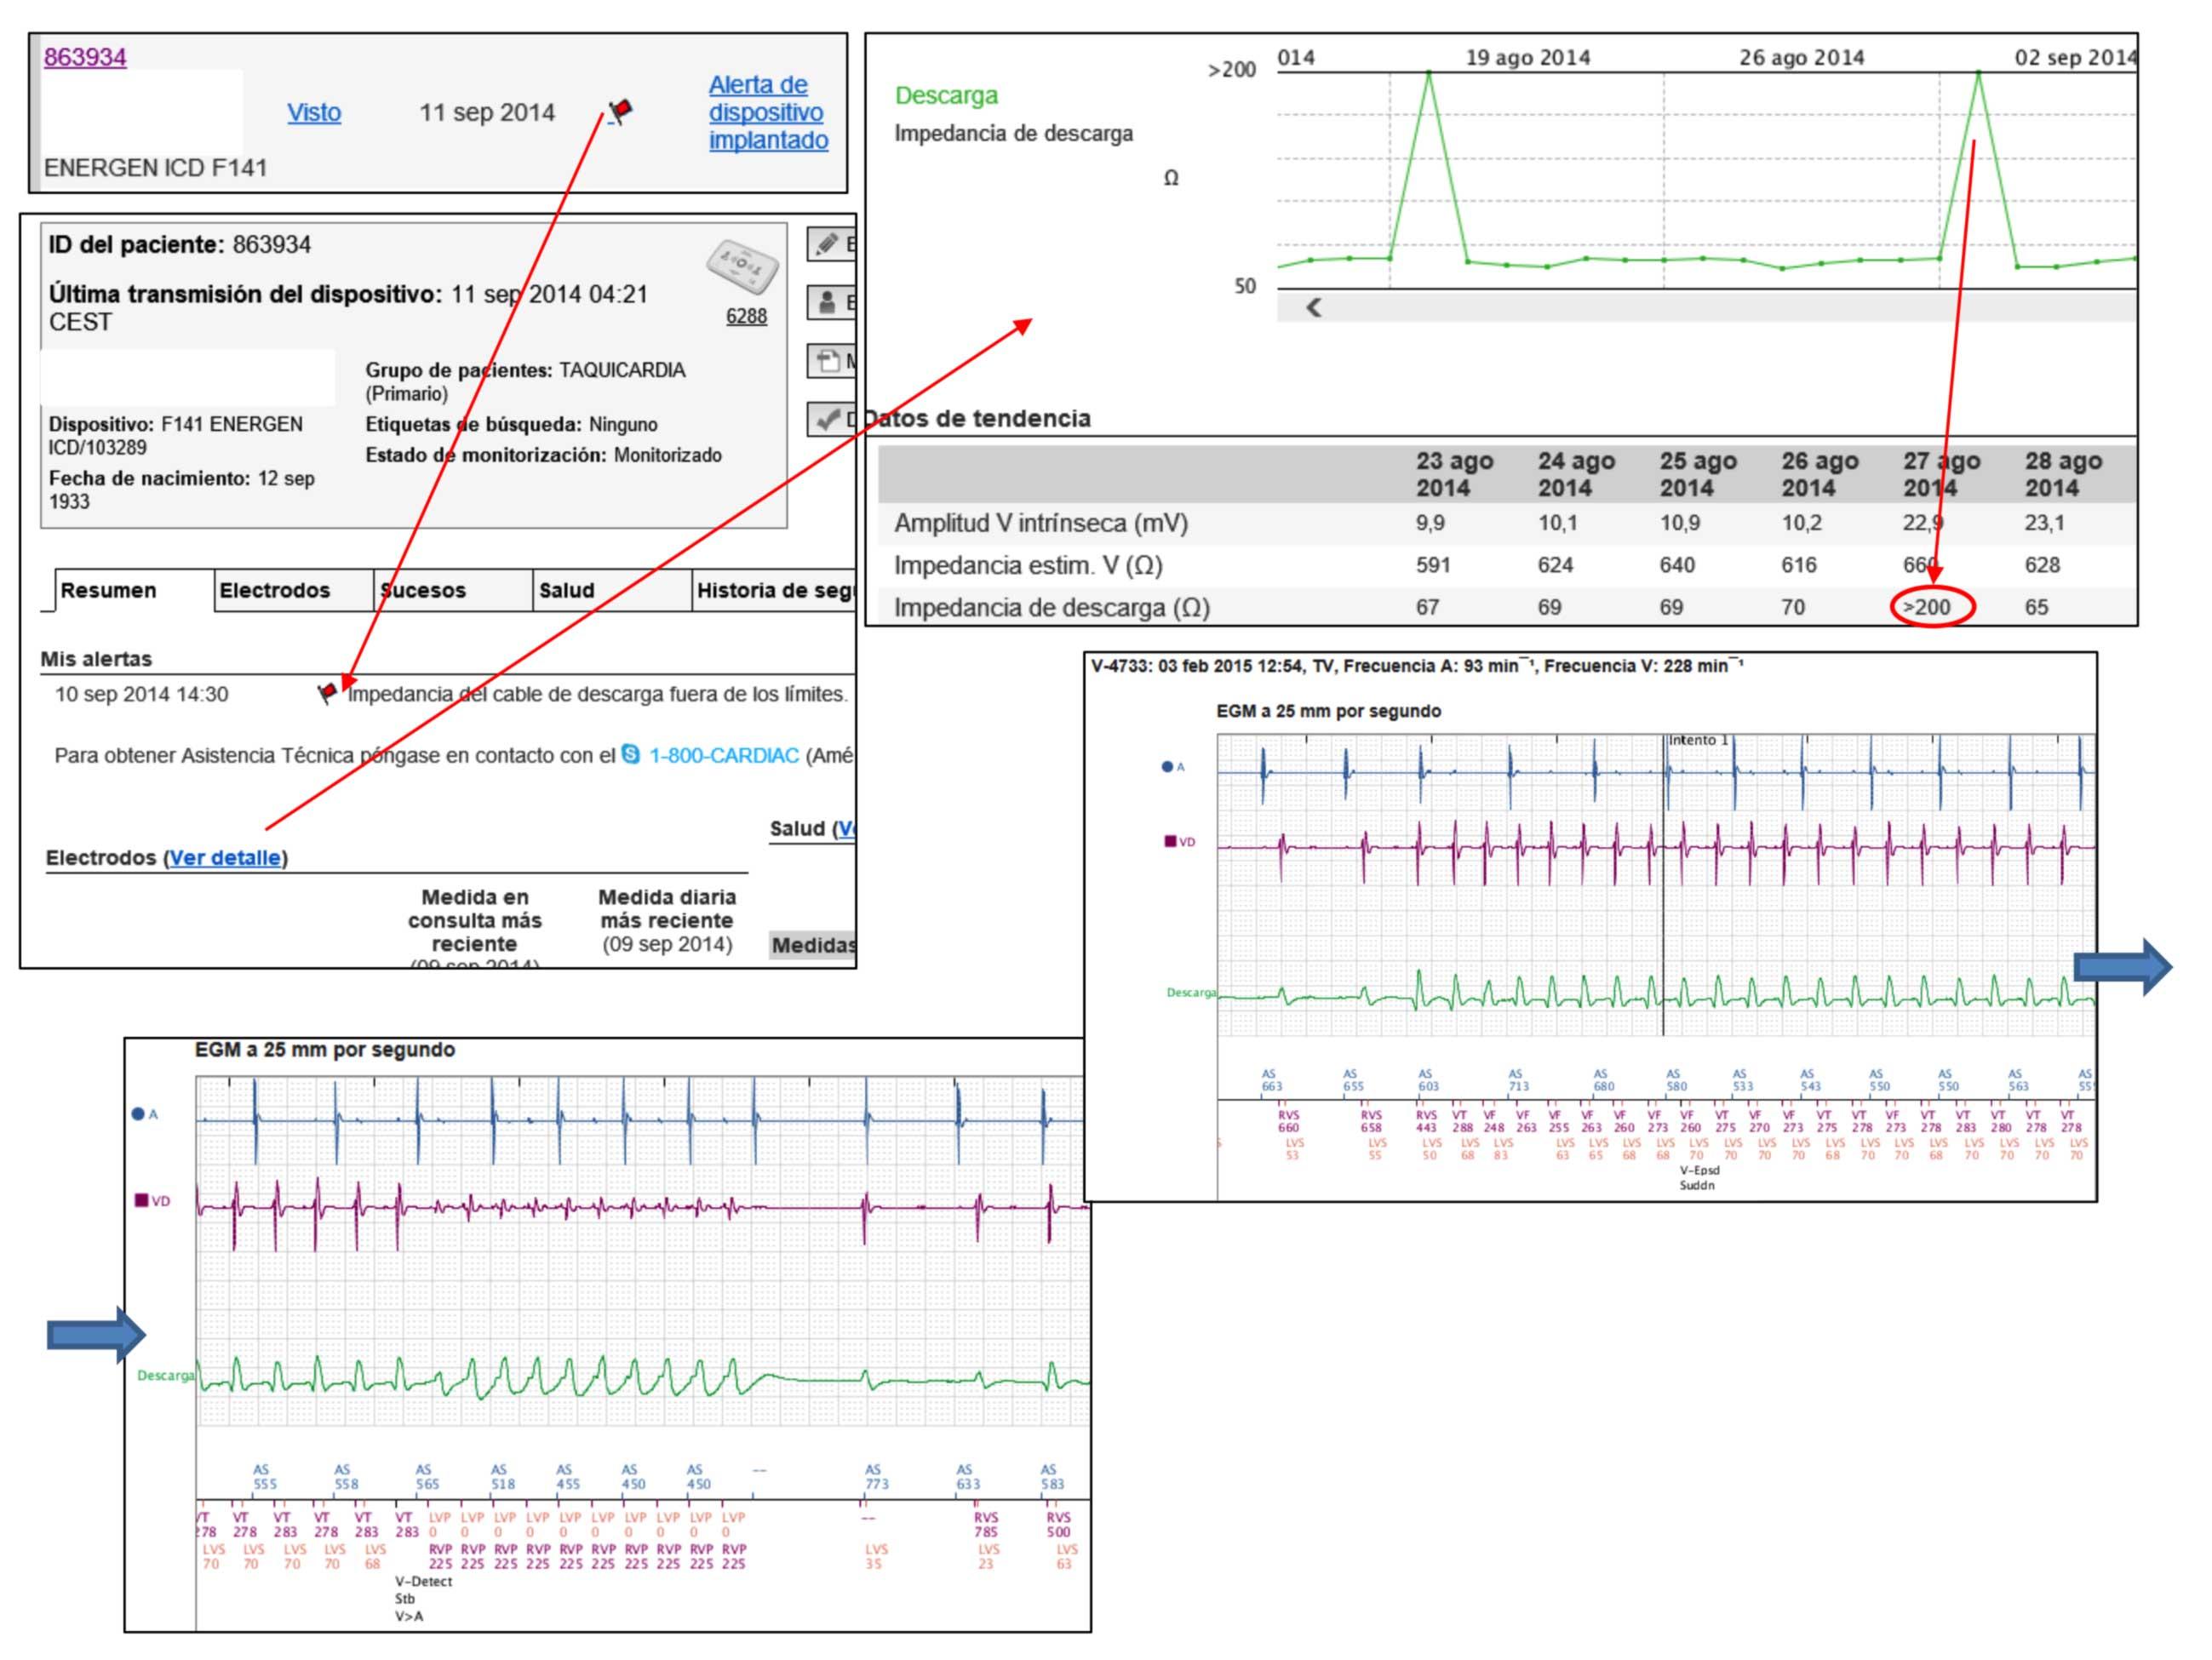 Figura 4: Es posible visualizar las características del episodio y los electrogramas almacenados